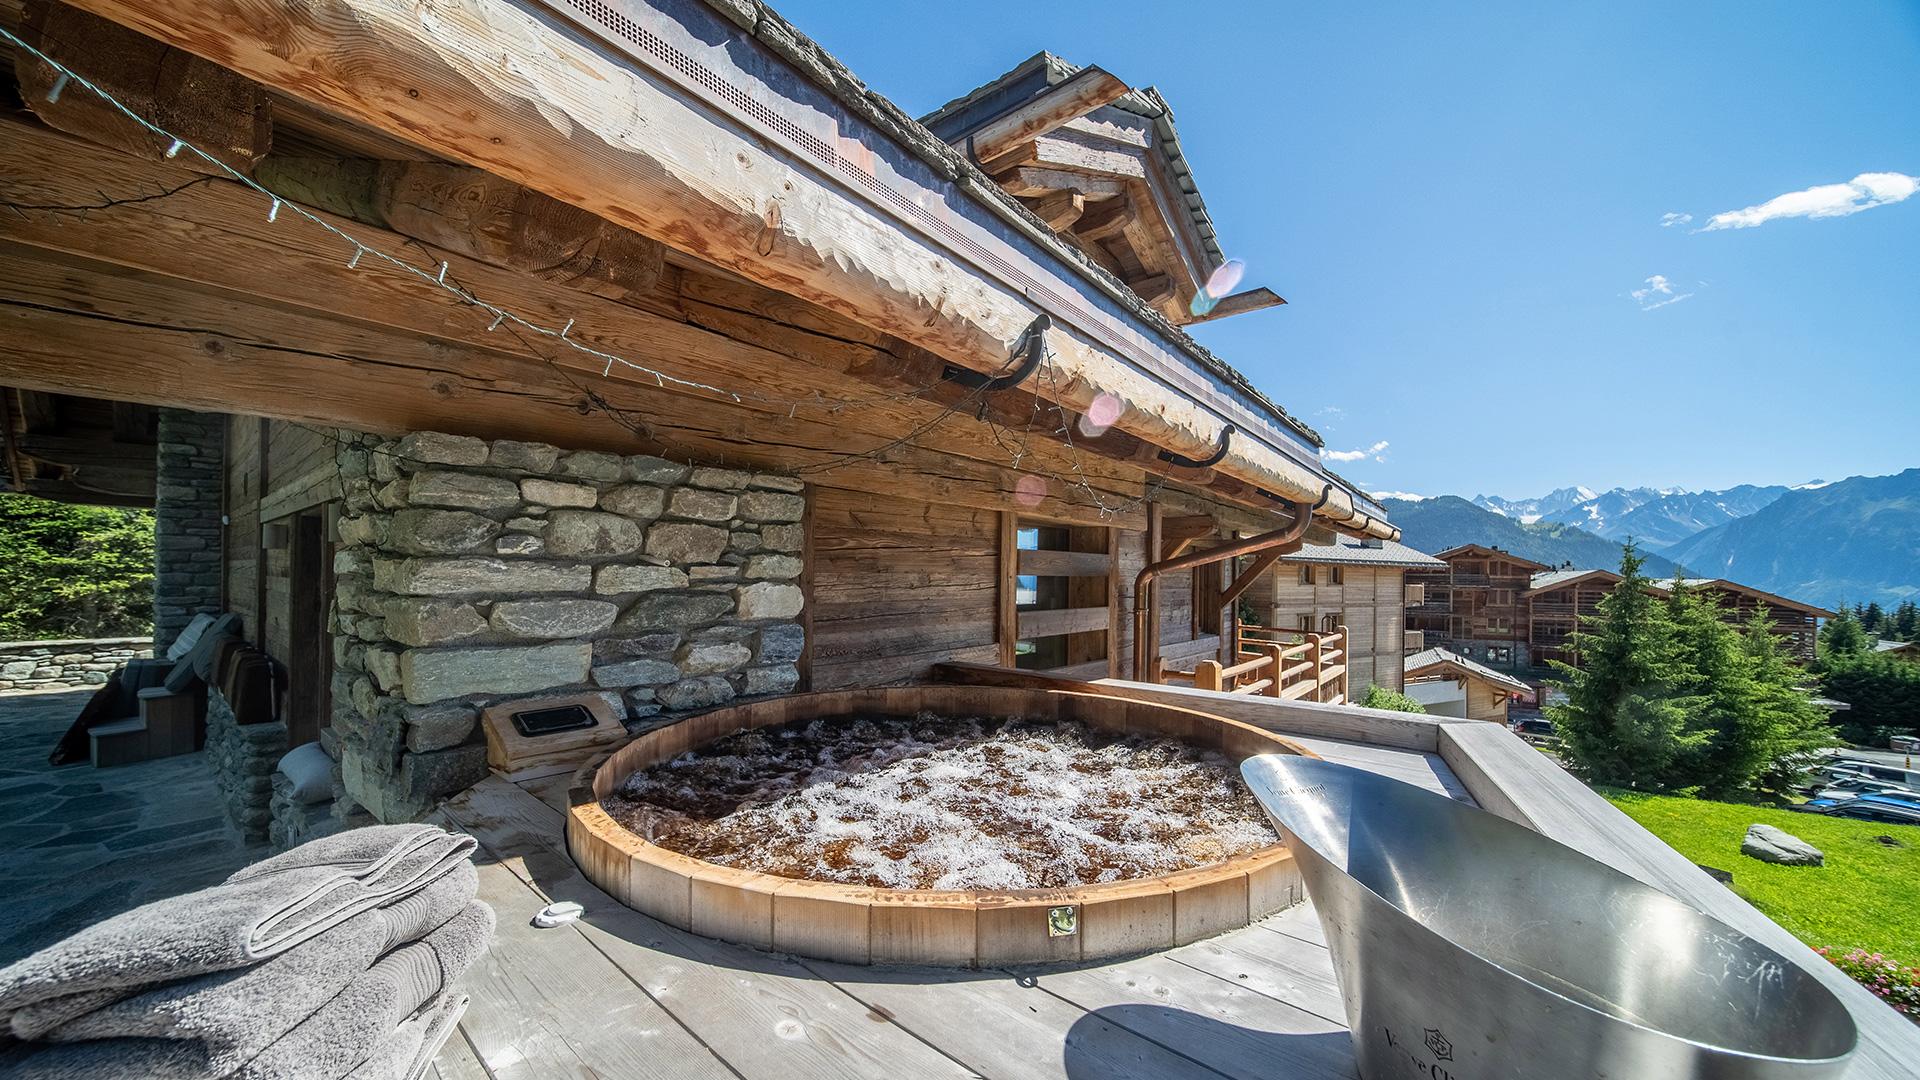 Chalet Remointze Chalet, Switzerland